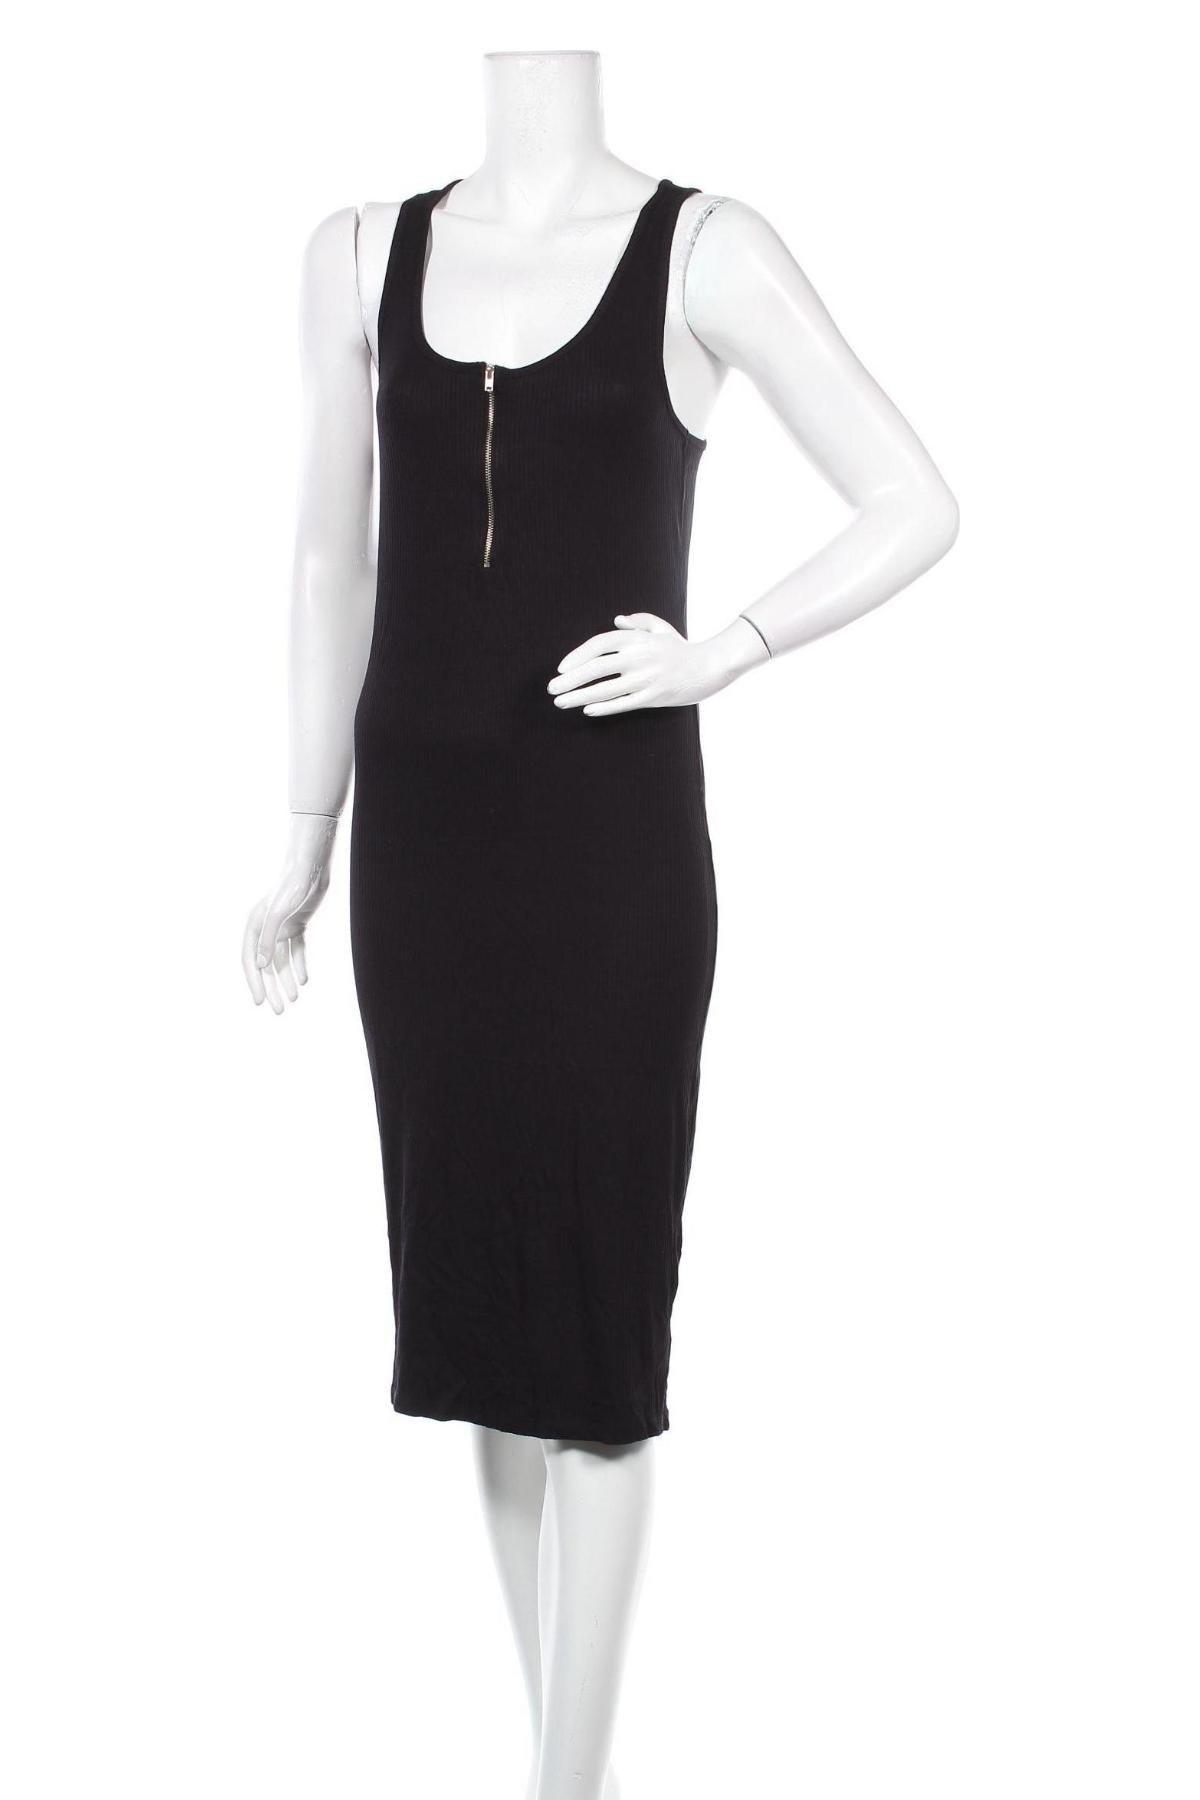 Φόρεμα Alcott, Μέγεθος L, Χρώμα Μαύρο, 95% βισκόζη, 5% ελαστάνη, Τιμή 13,61€